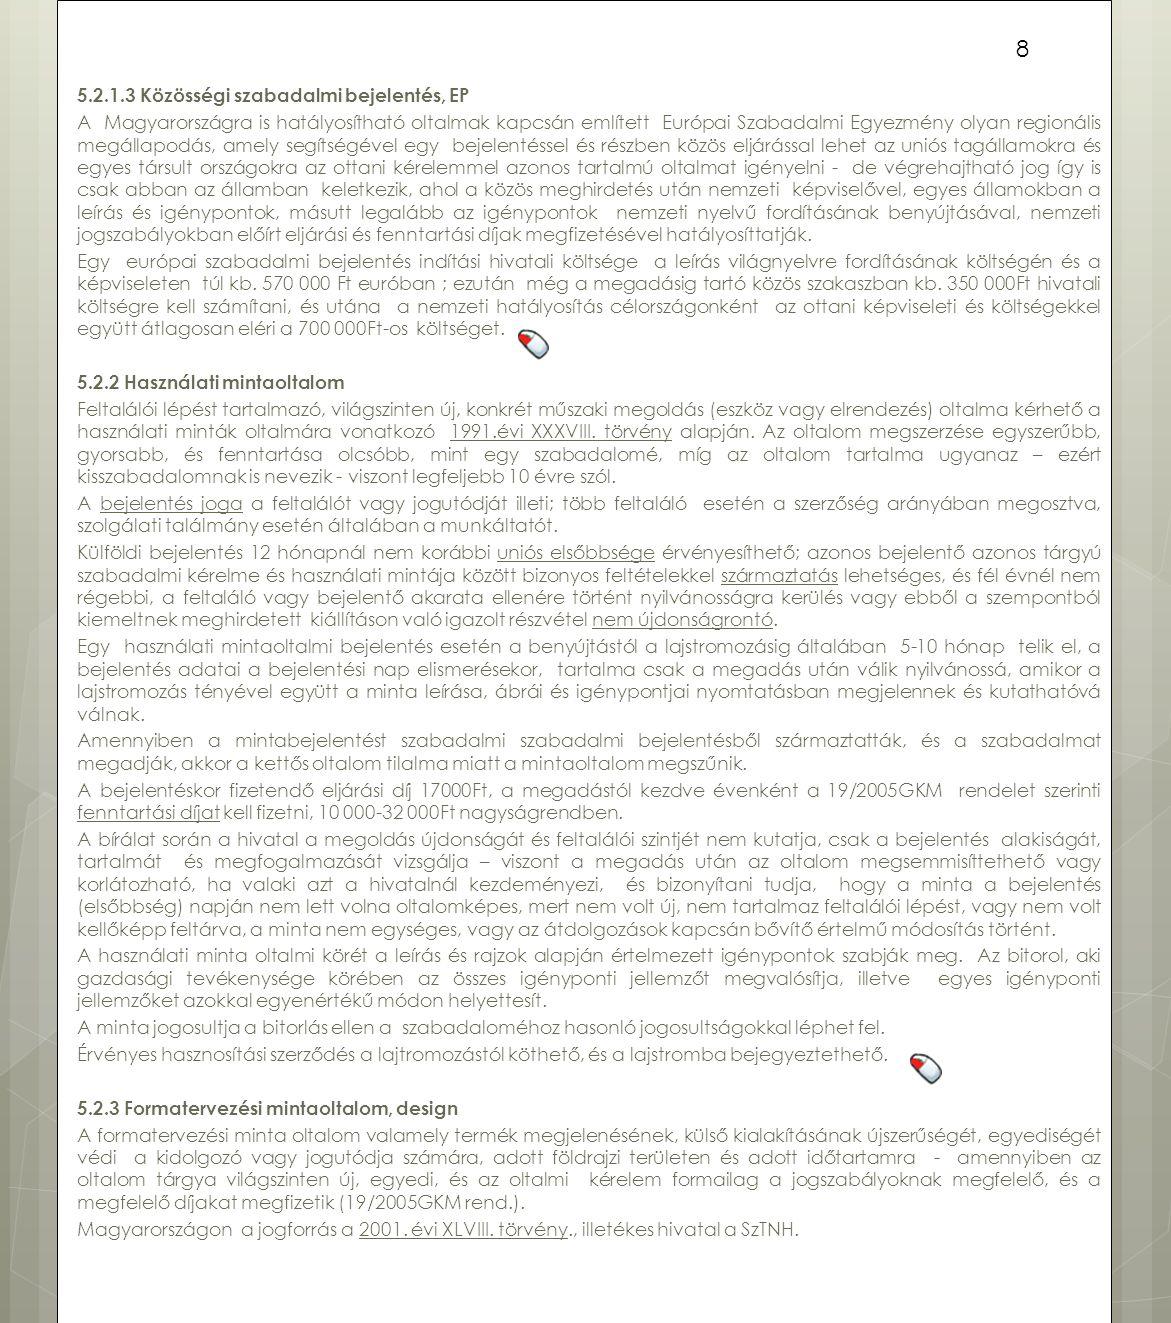 A feltaláló díjazására a munkáltatóval, a hasznosító szabadalmas társsal, illetve a jogszerzővel kötött szerződése - vagyis a találmányidíj-szerződés – alapján kerül sor, melyre általában a Polgári Törvénykönyv rendelkezései megfelelően irányadók.